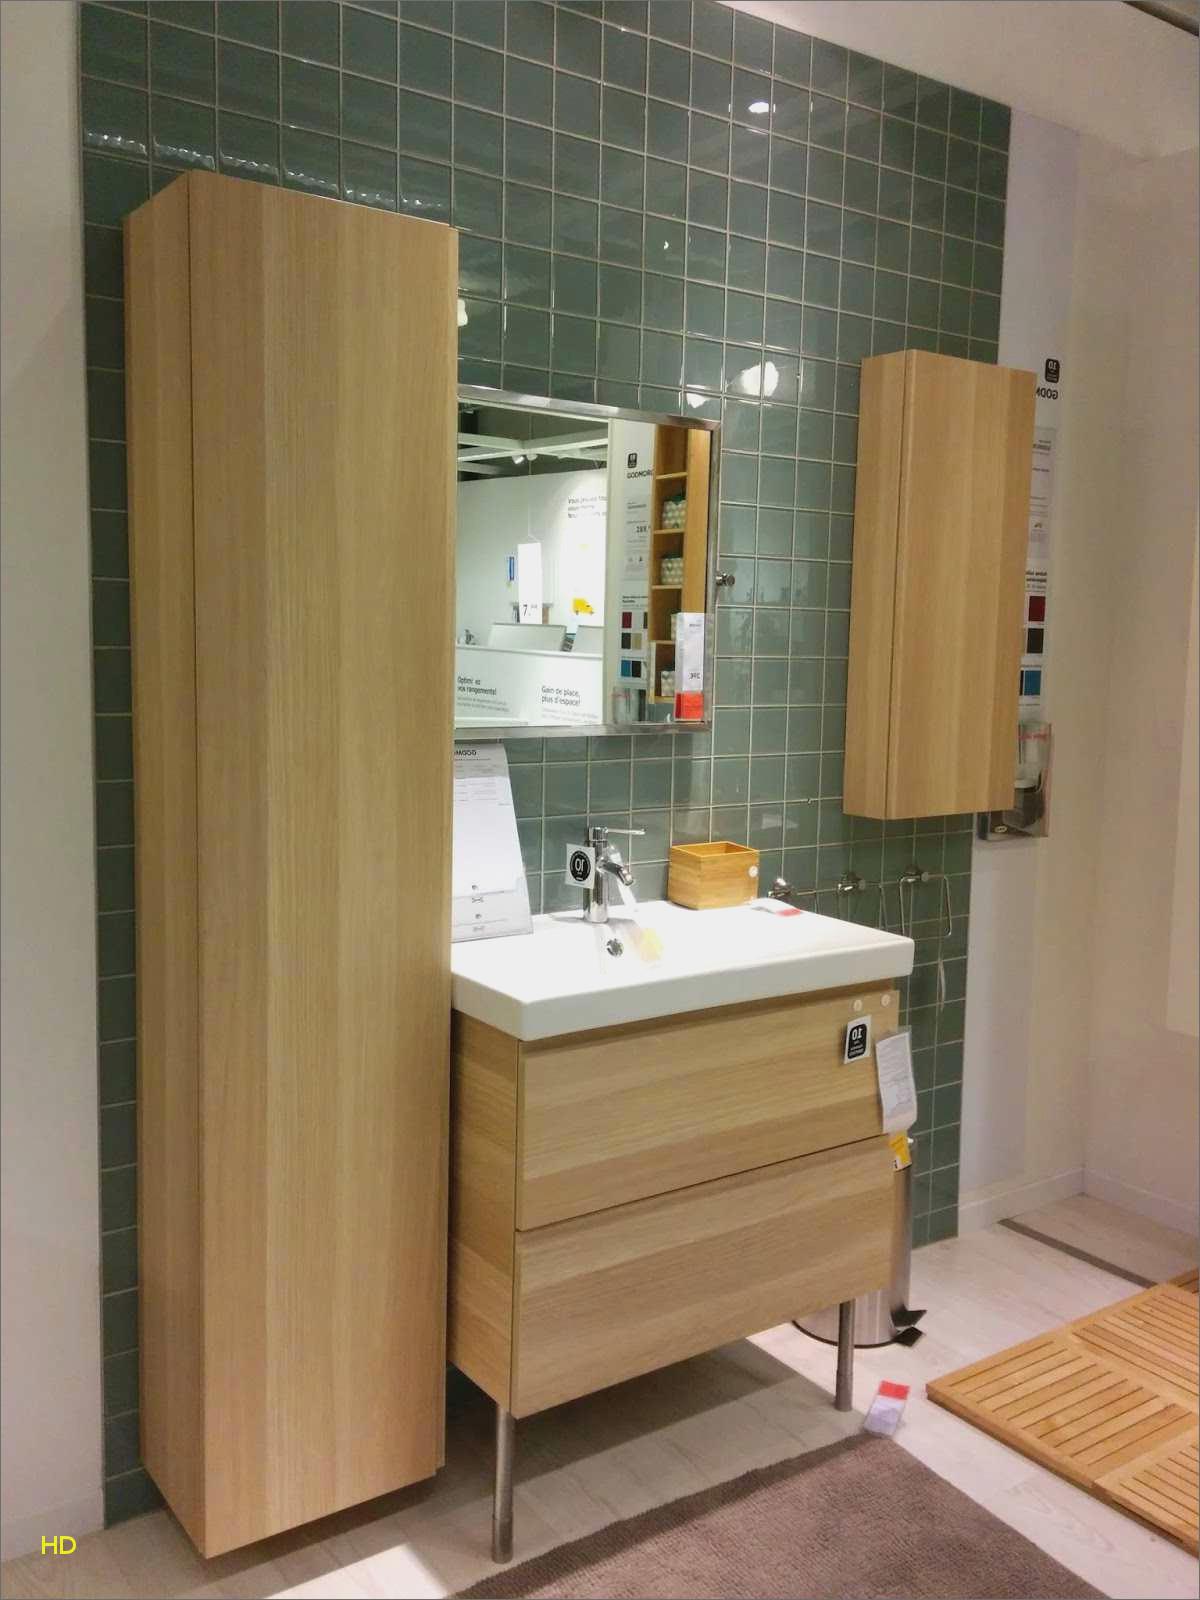 Douche Italienne Ikea Unique Photos Pare Baignoire Ikea Frais Meilleur De Caillebotis Douche